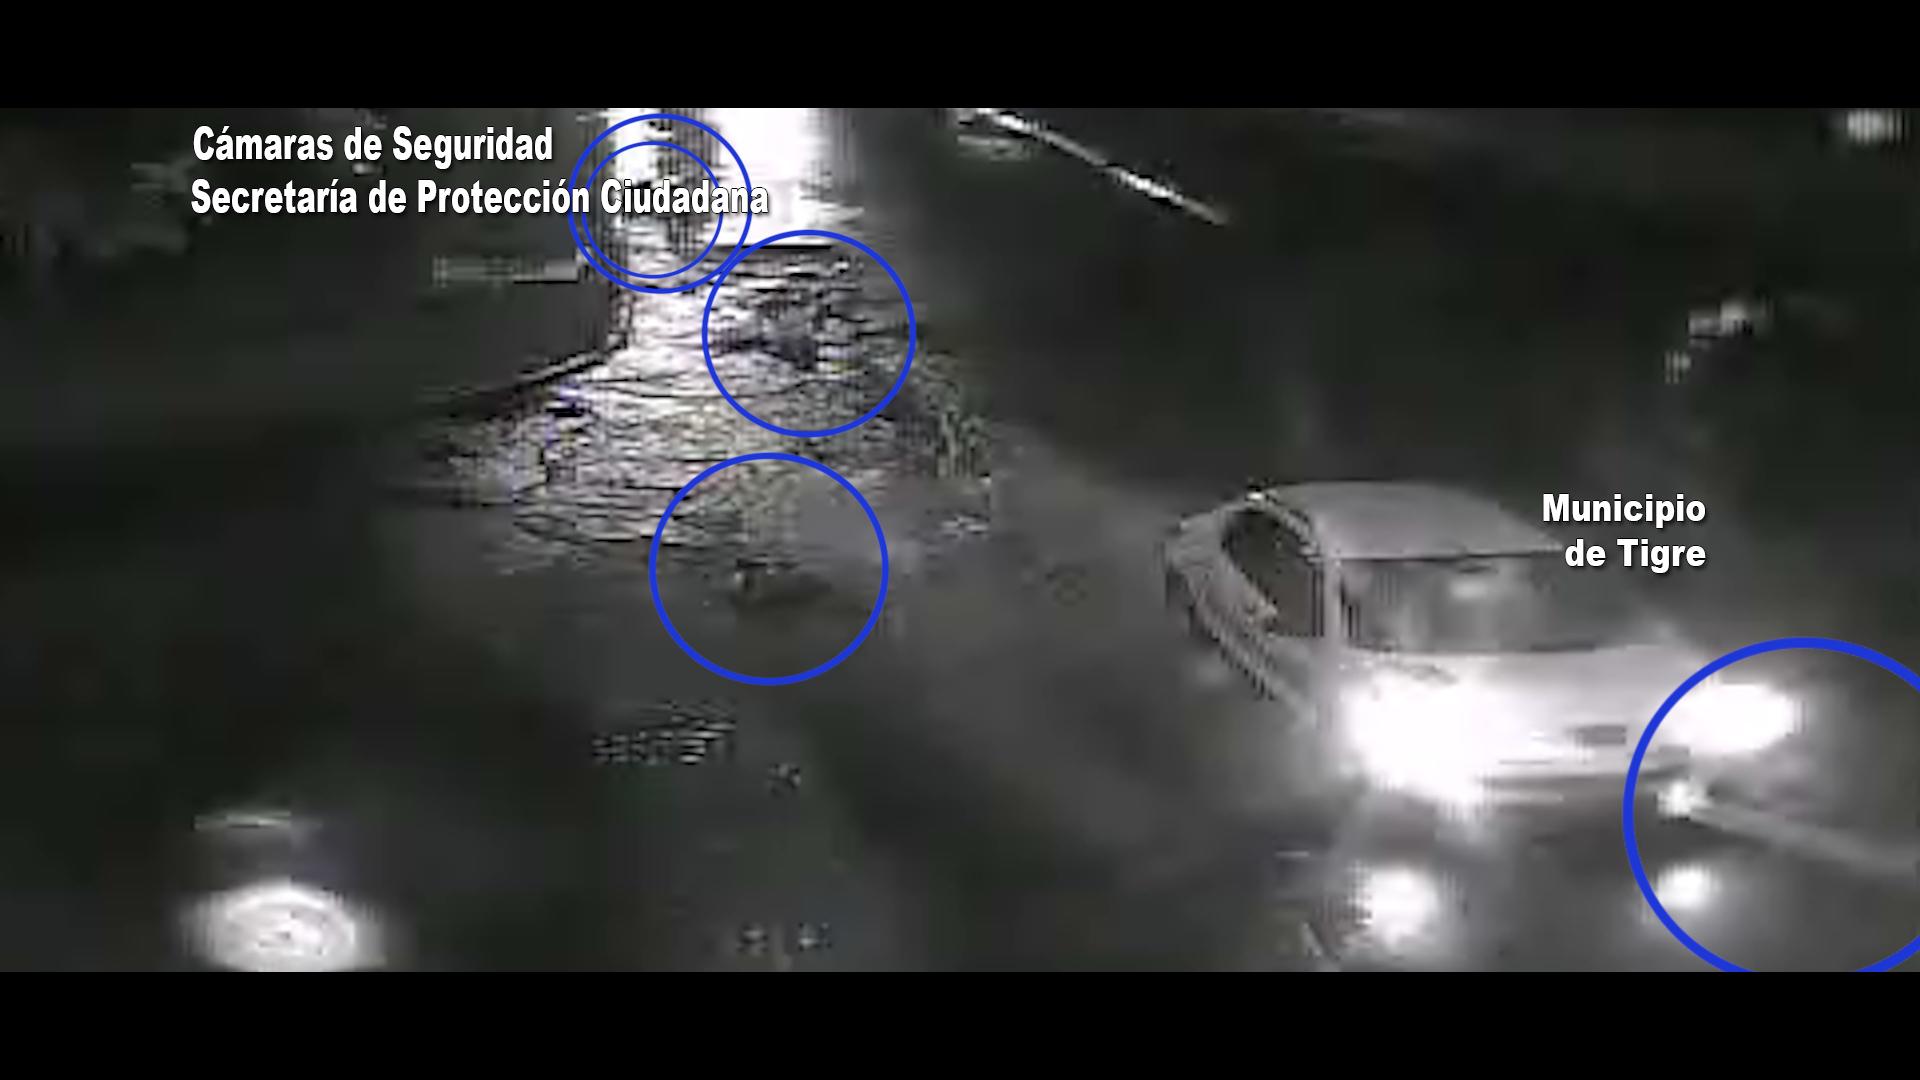 ¡Mirá el video! Atropelló a cinco personas, huyó y fue detenido en Tigre